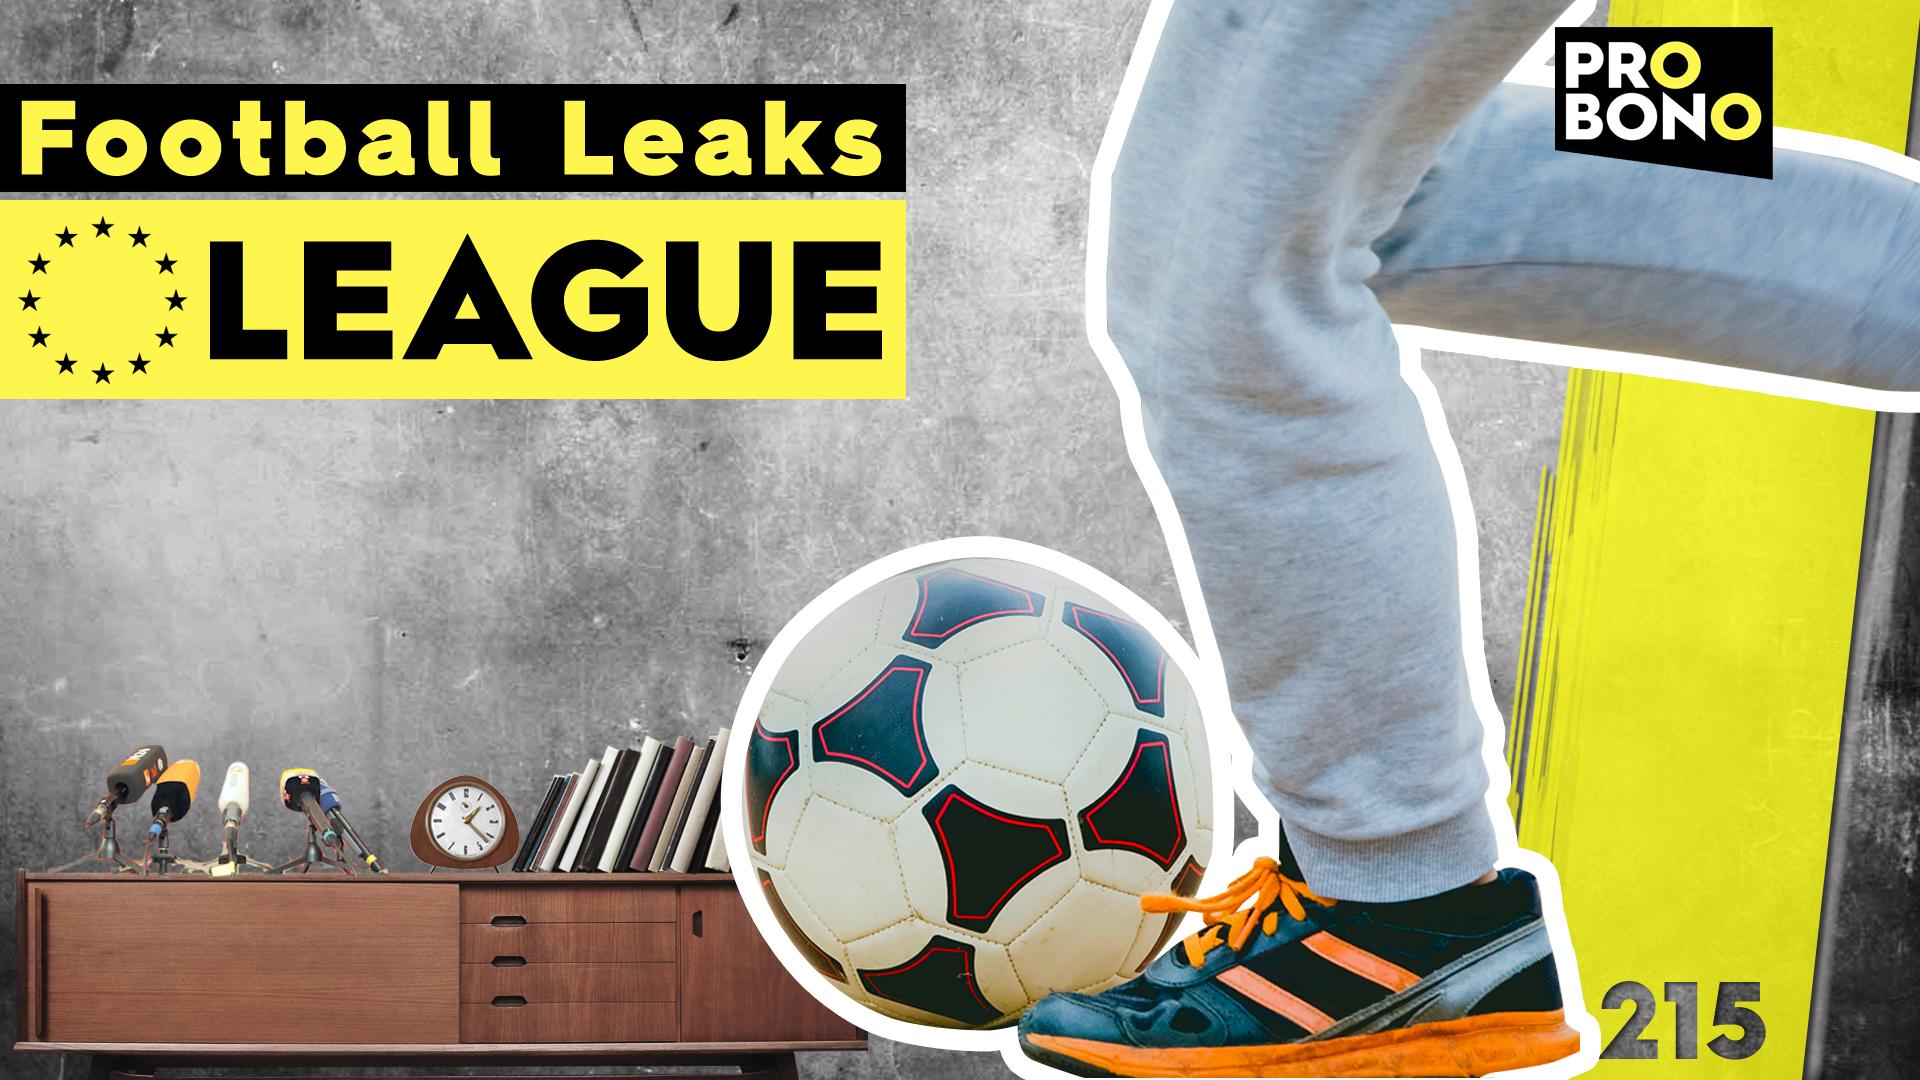 Fußball Leaks: Spagat zwischen Fans und Sponsoren (probono Magazin)